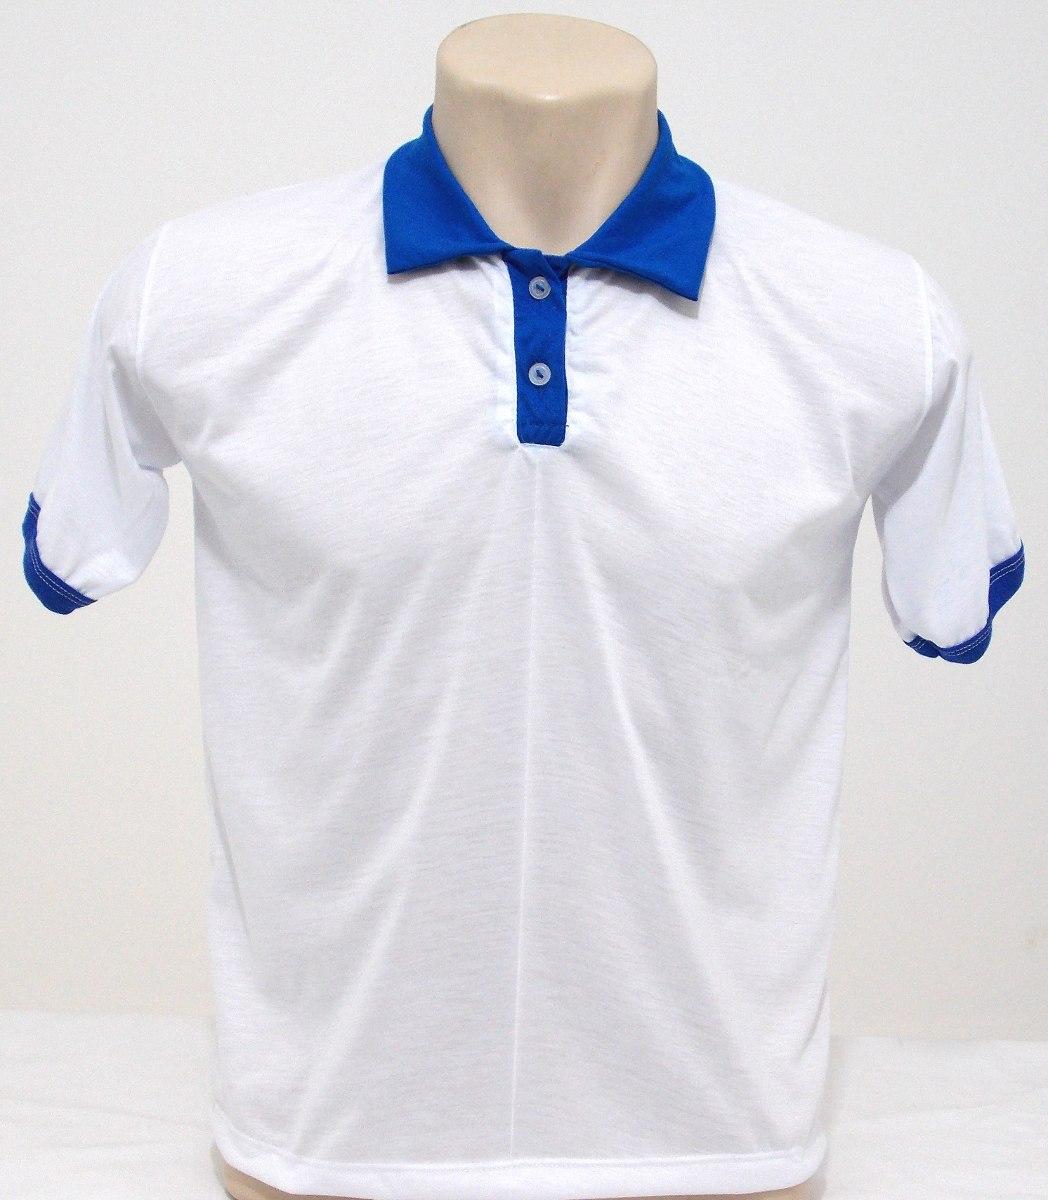 ca3e9429cb Kit 8 Camisas Polo Branca Para Sublimação - Masc fem! - R  159